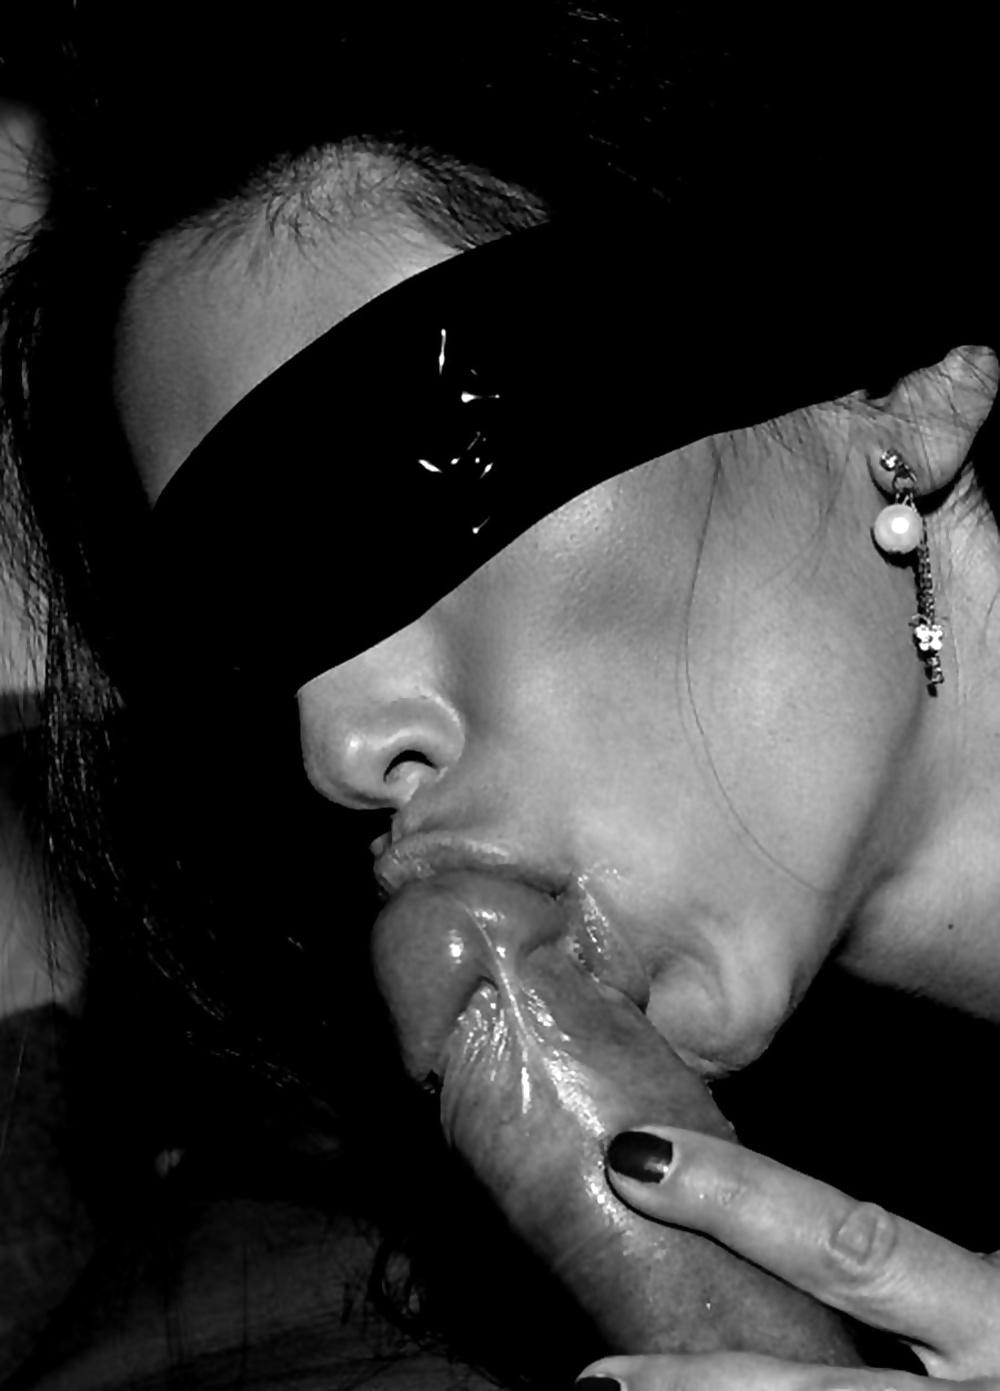 Черно белое порно минета в домашнем исполнении